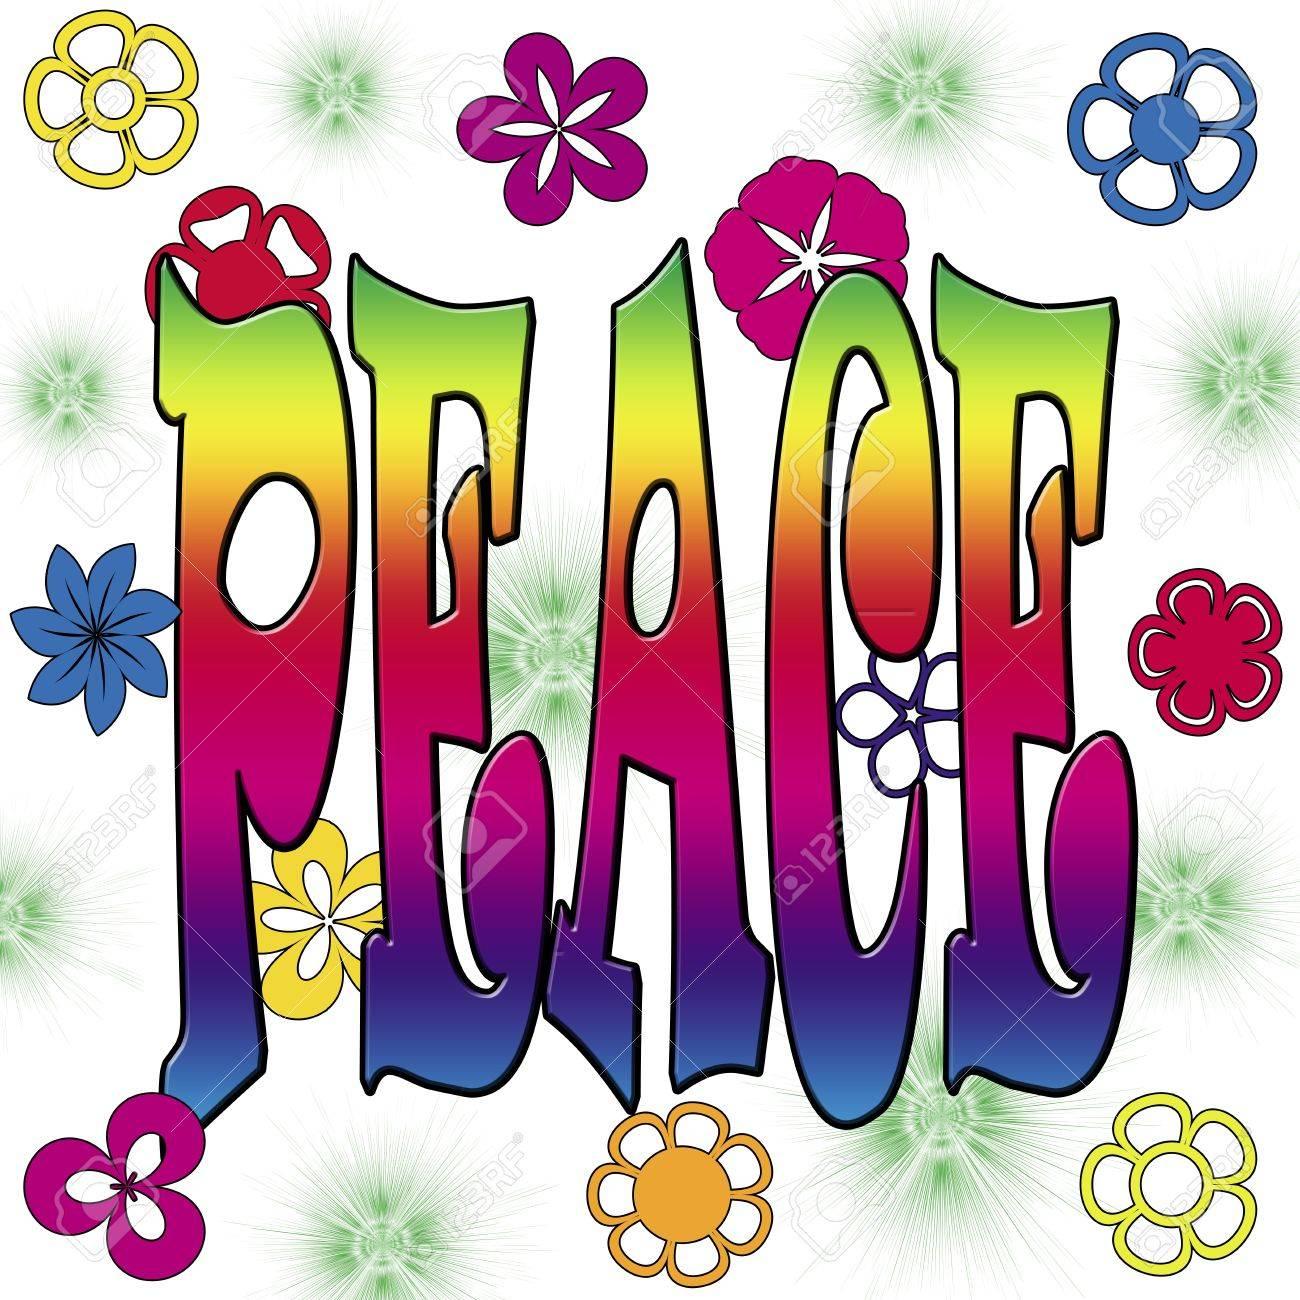 Ilustración de la paz con flores de colores sobre fondo blanco Foto de archivo - 17035265